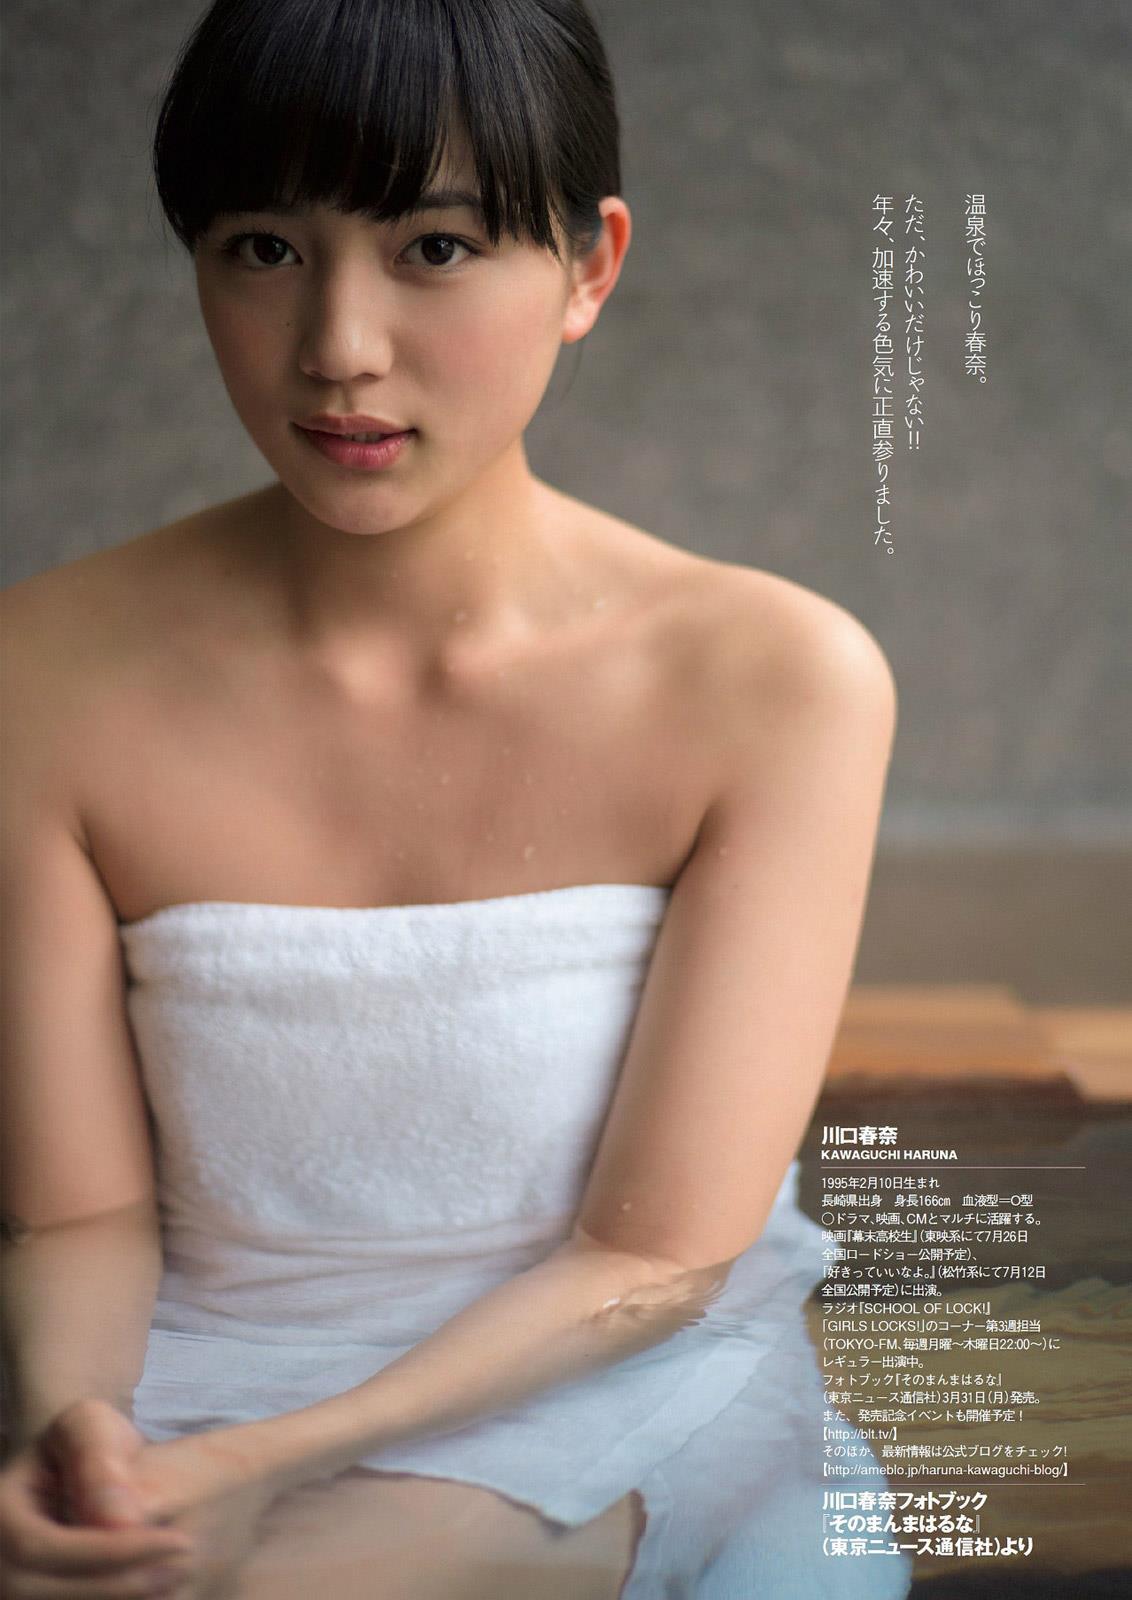 川口春奈 画像 109